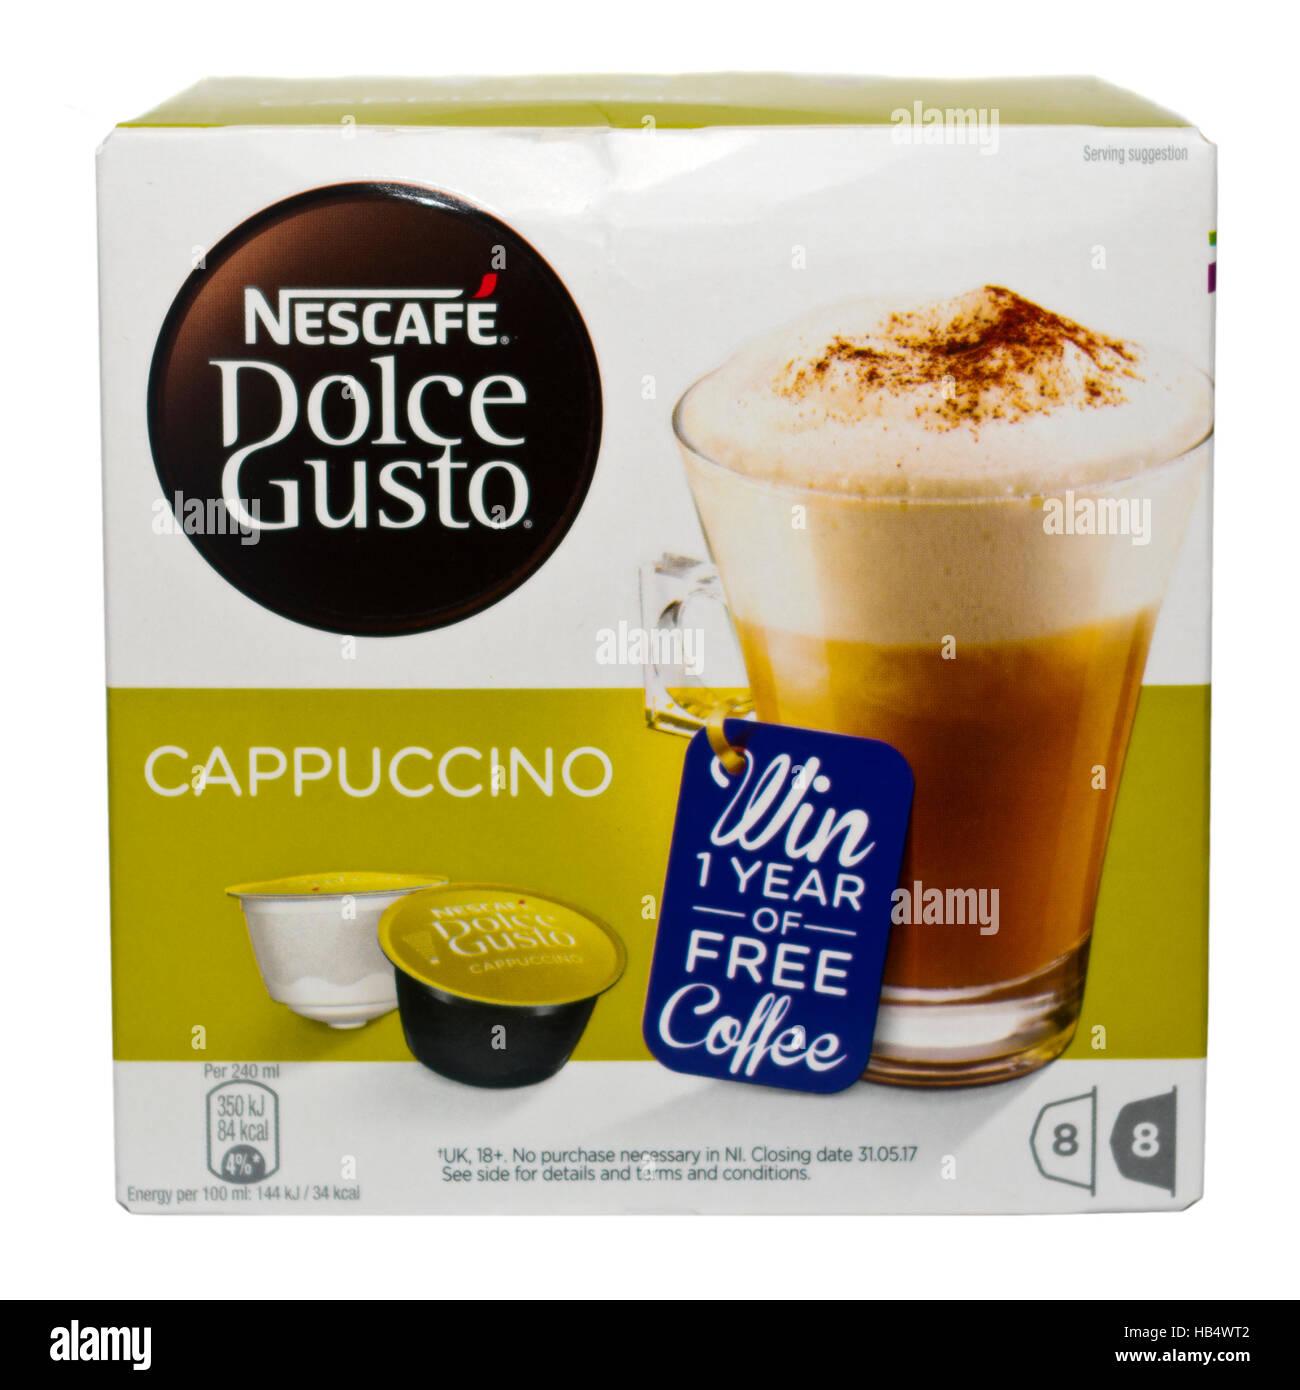 Scatola del Nescafe Dolce Gusto Cappuccino capsule Immagini Stock